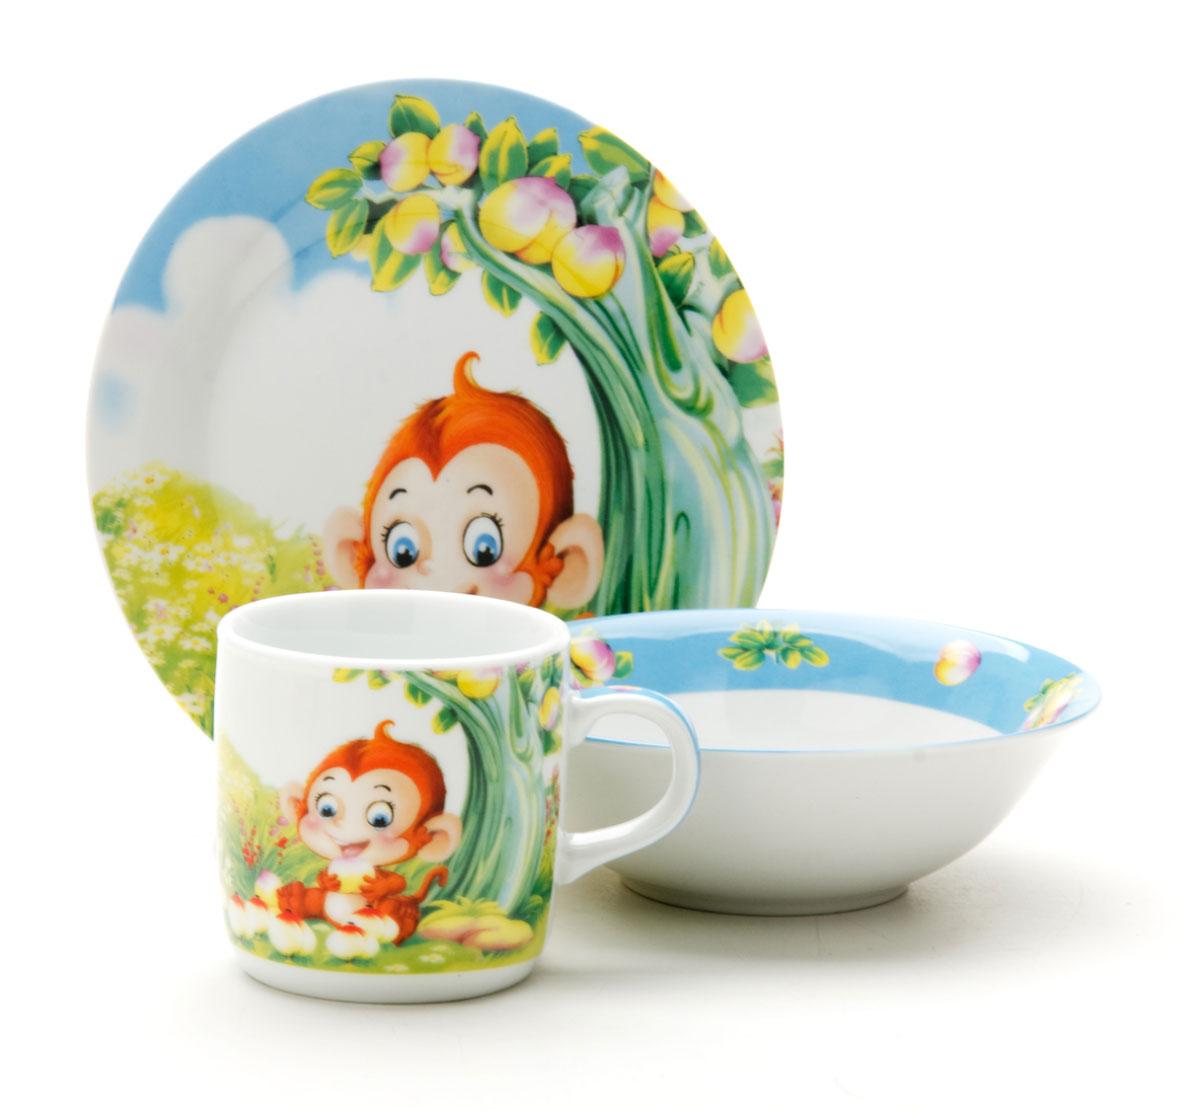 Набор посуды Loraine Обезьянка, 3 предмета25601Набор посуды Фея сочетает в себе изысканный дизайн с максимальной функциональностью. В набор входят суповая тарелка, обеденная тарелка и кружка. Предметы набора выполнены из высококачественной керамики, декорированы красочным рисунком. Благодаря такому набору обед вашего ребенка будет еще вкуснее. Набор упакован в красочную, подарочную упаковку.